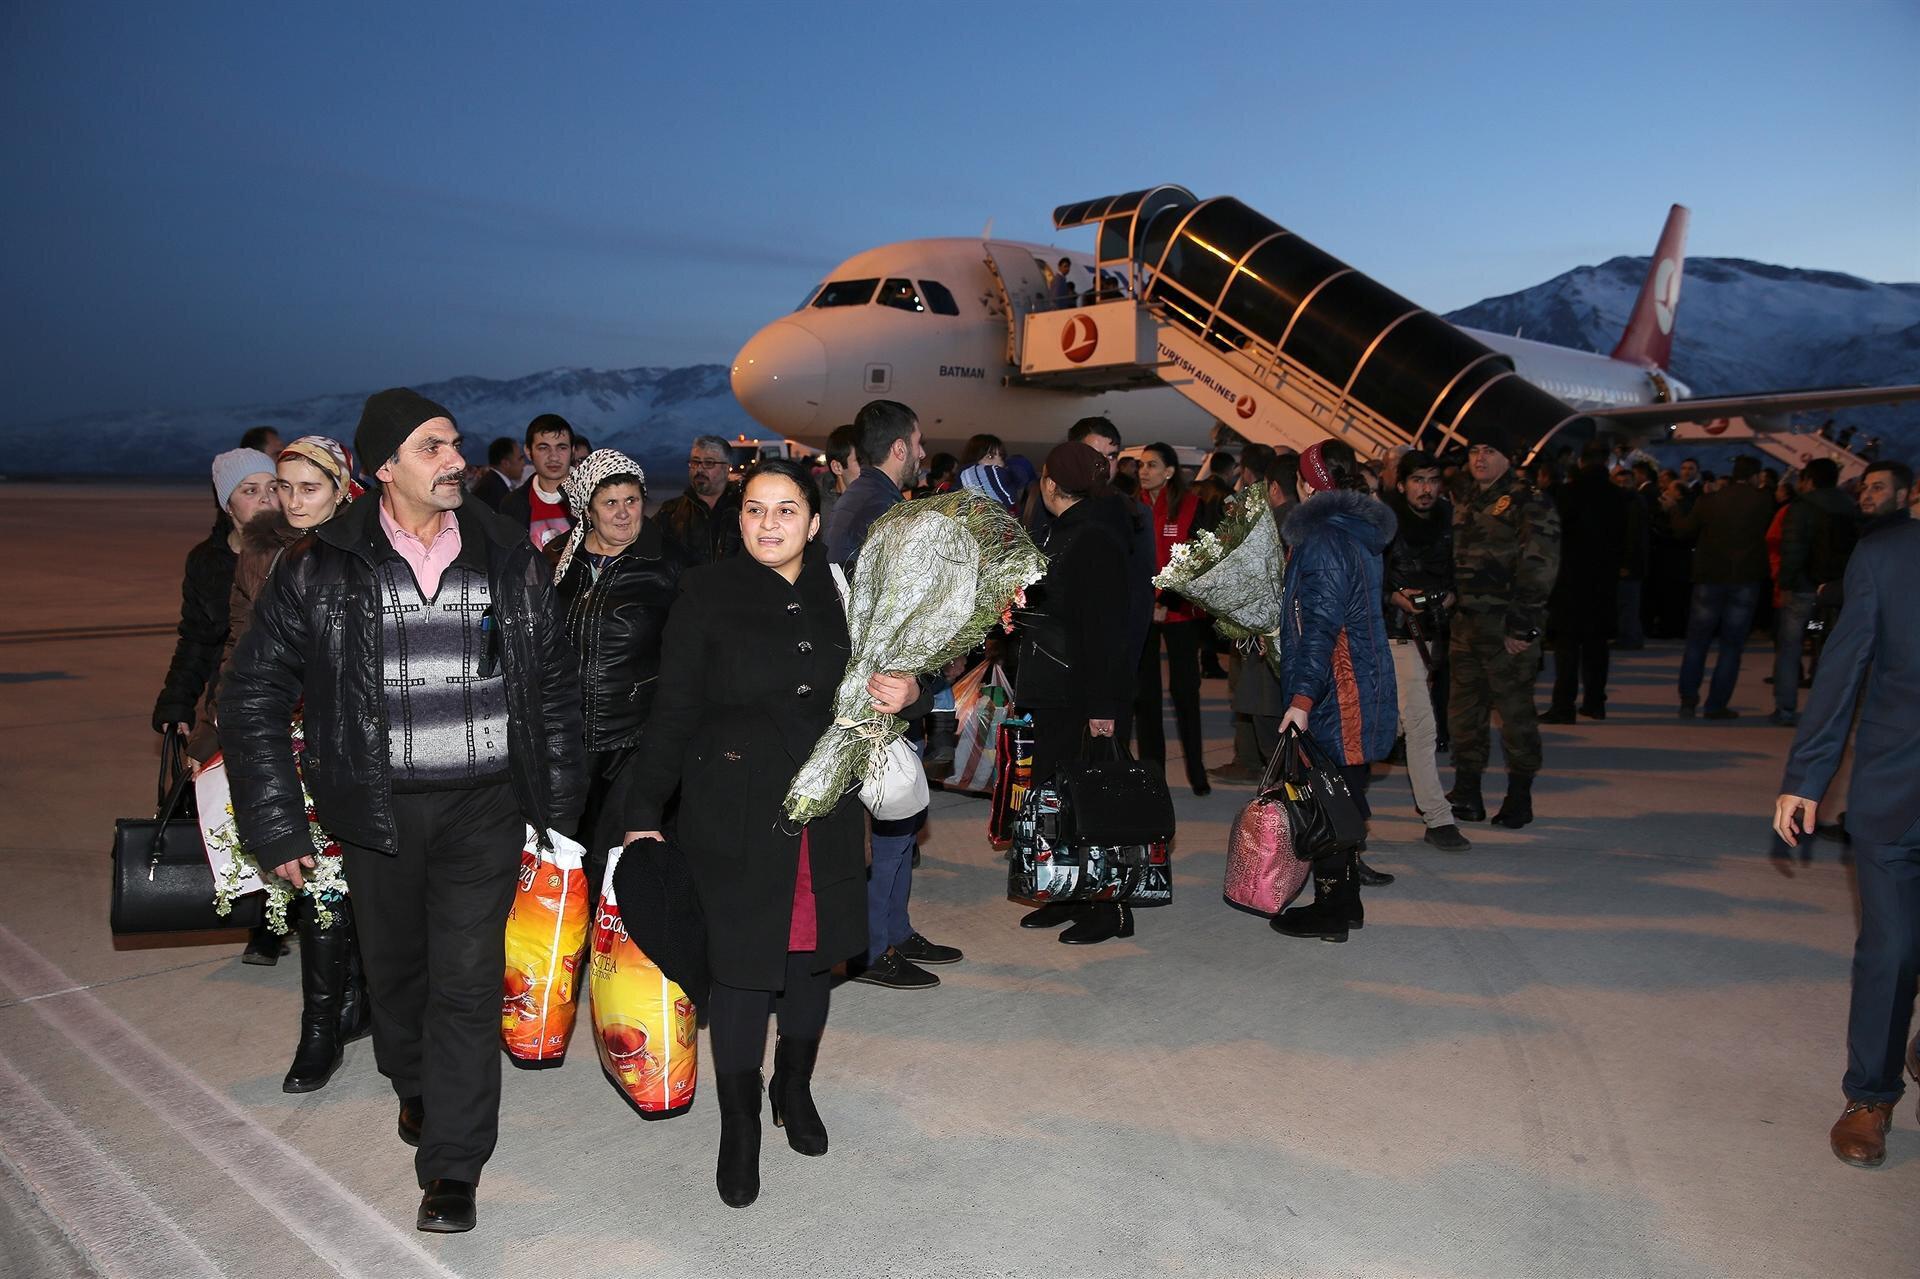 2015 yılında Ukrayna'dan 2 kafile halinde gelen 329 Ahıska Türkü, Erzincan'da dönemin Başbakan Yardımcısı Yalçın Akdoğan tarafından çiçeklerle karşılanmıştı.